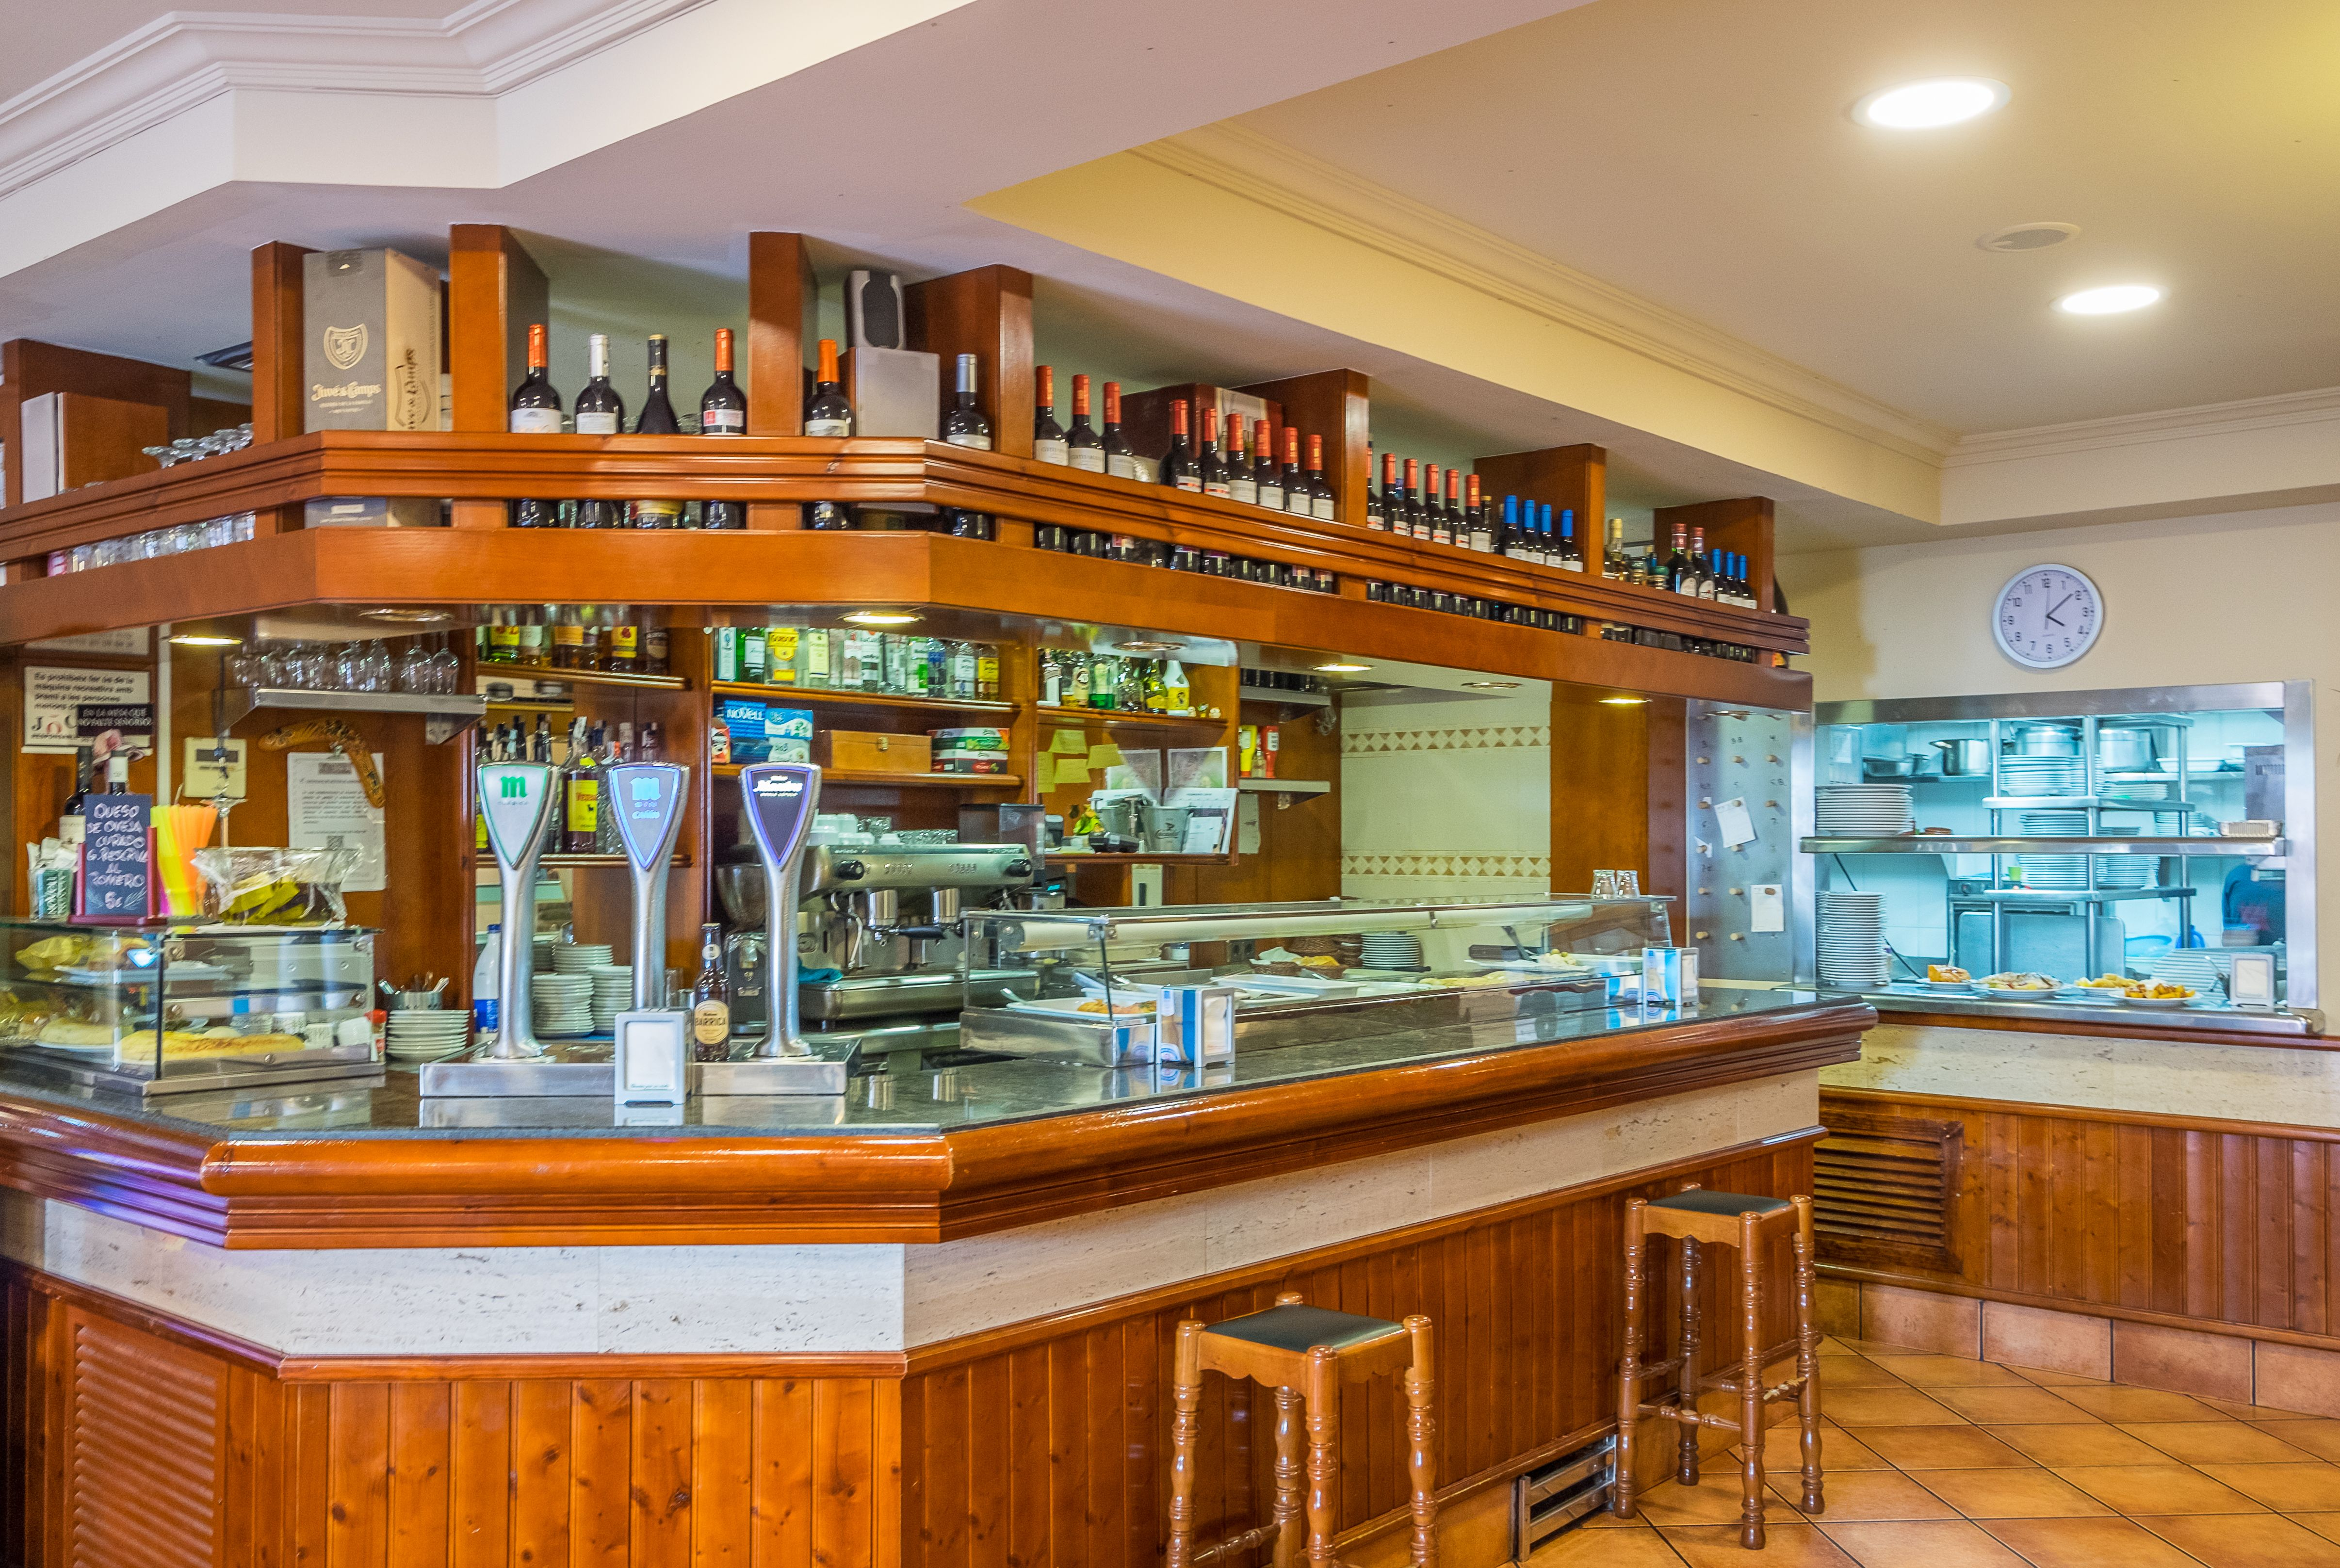 Foto 2 de Cocina andaluza en Barcelona | Bar Restaurante El Mirador de Carmelo II